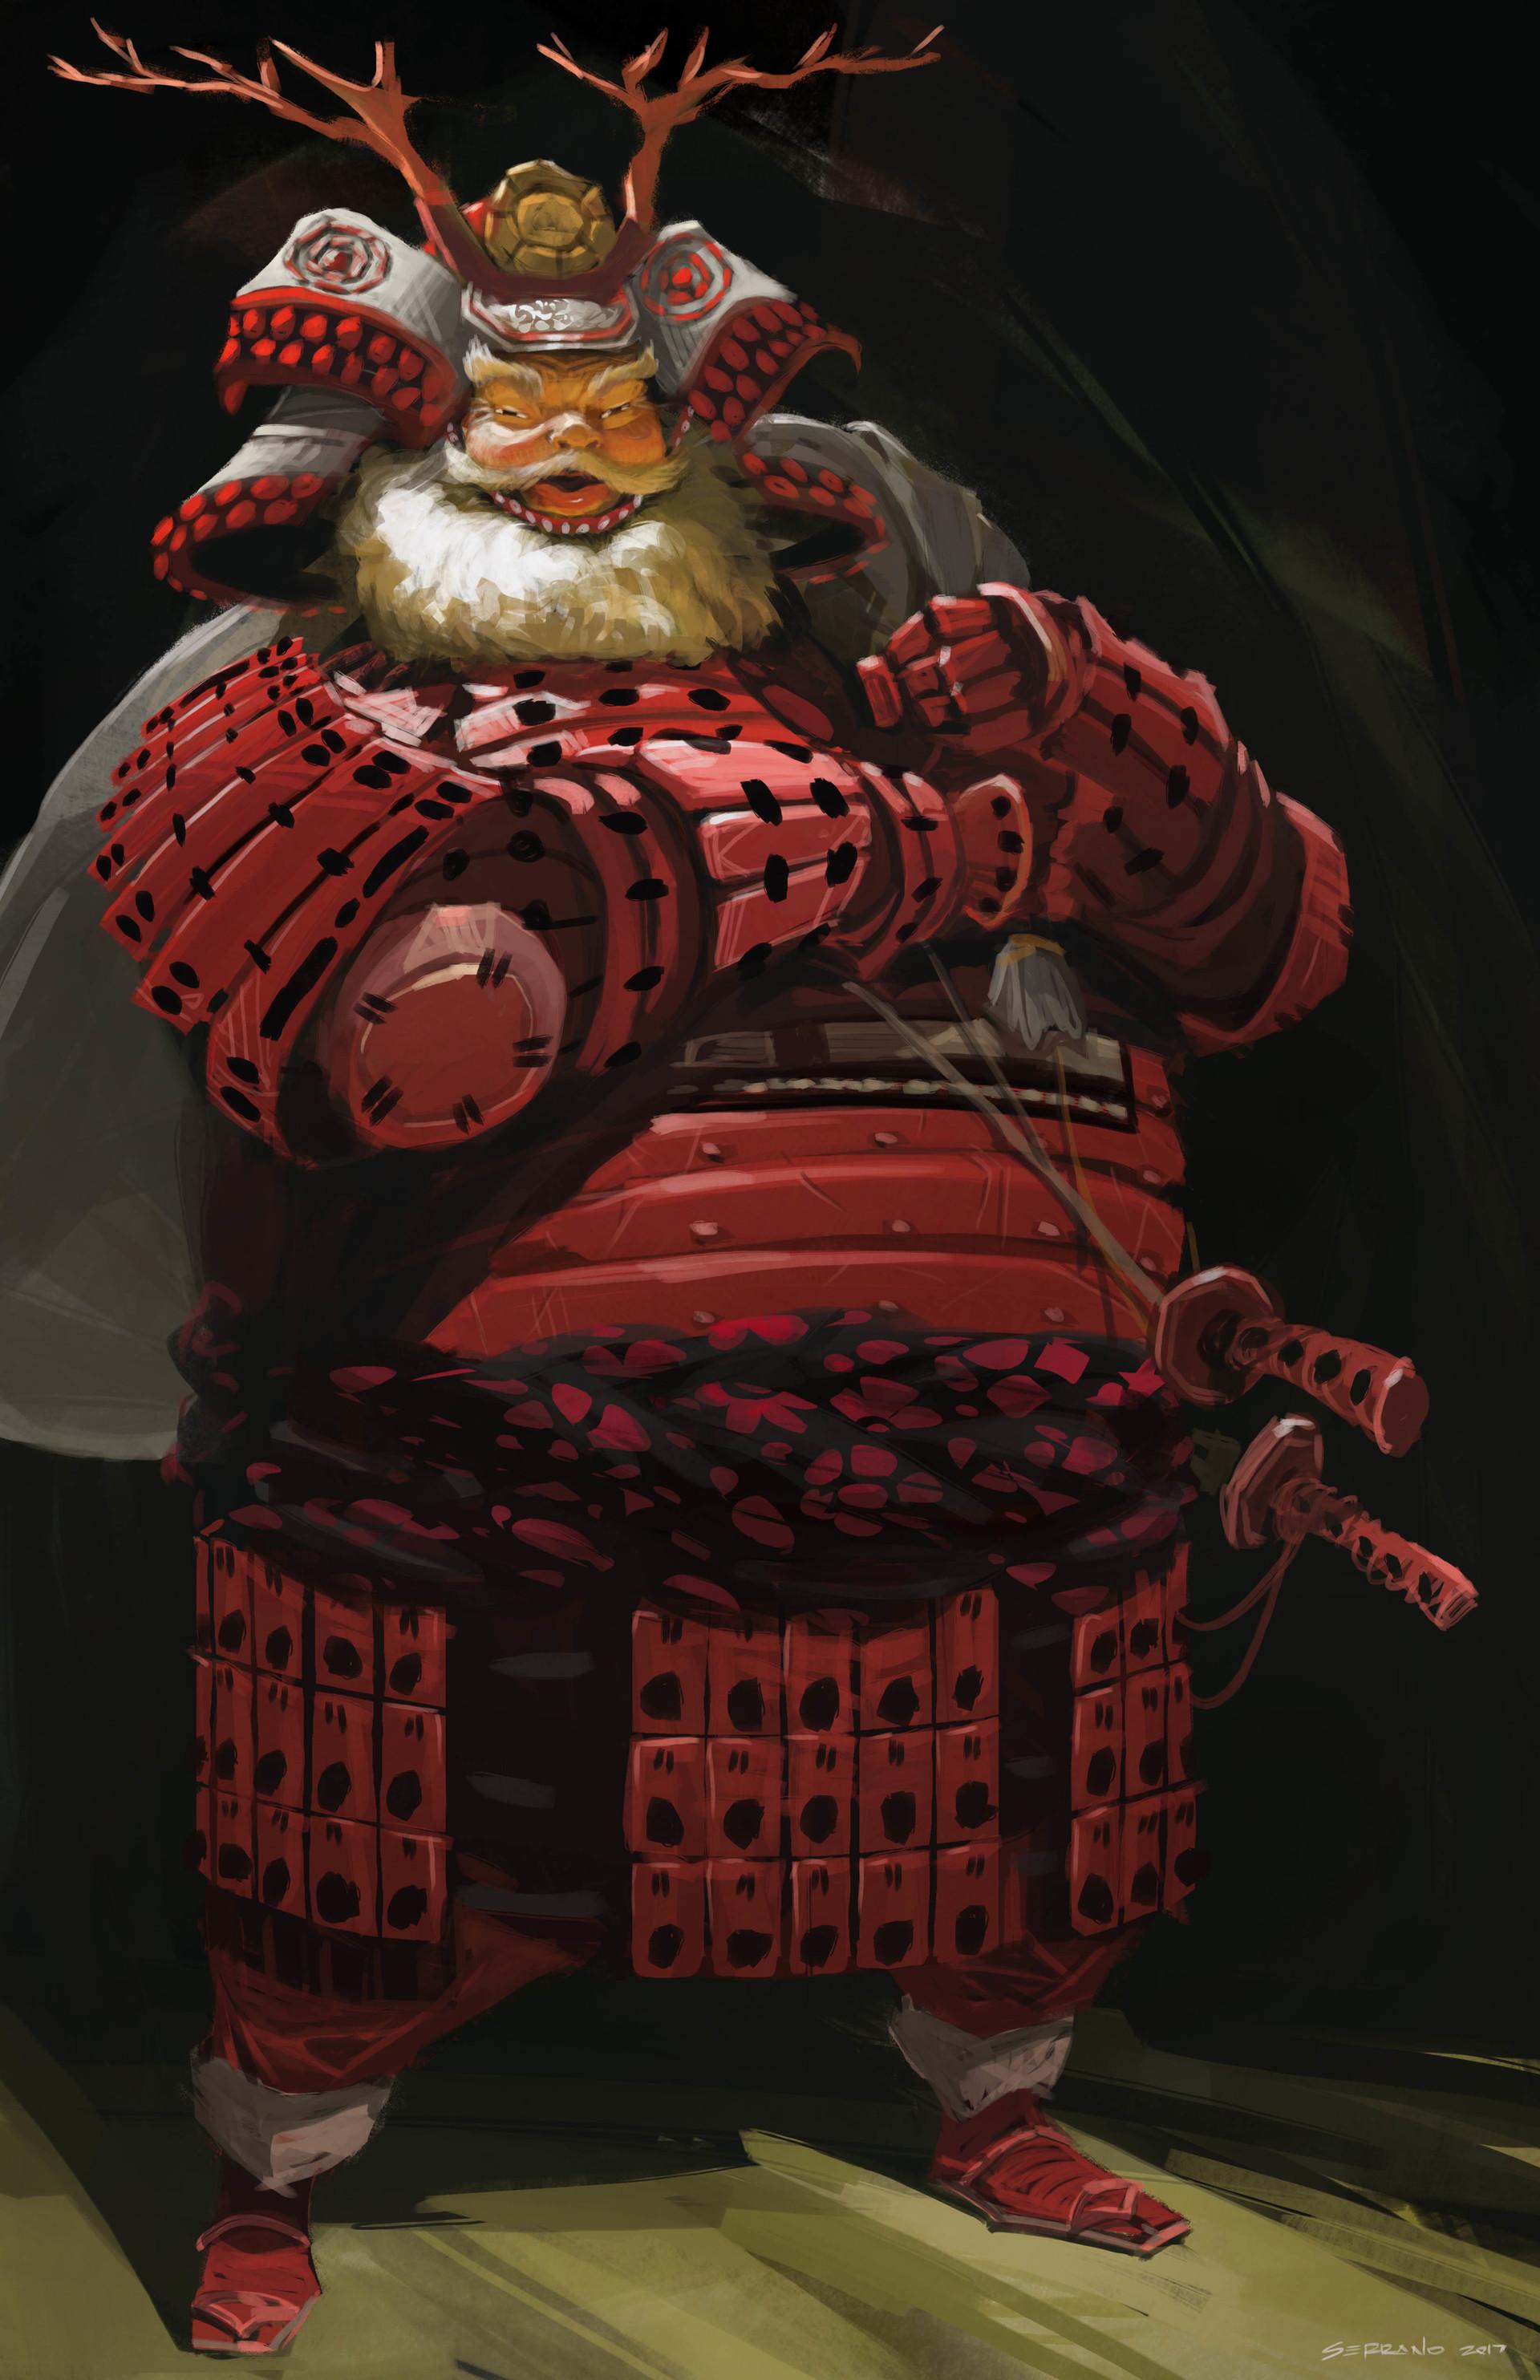 Saurai Santa